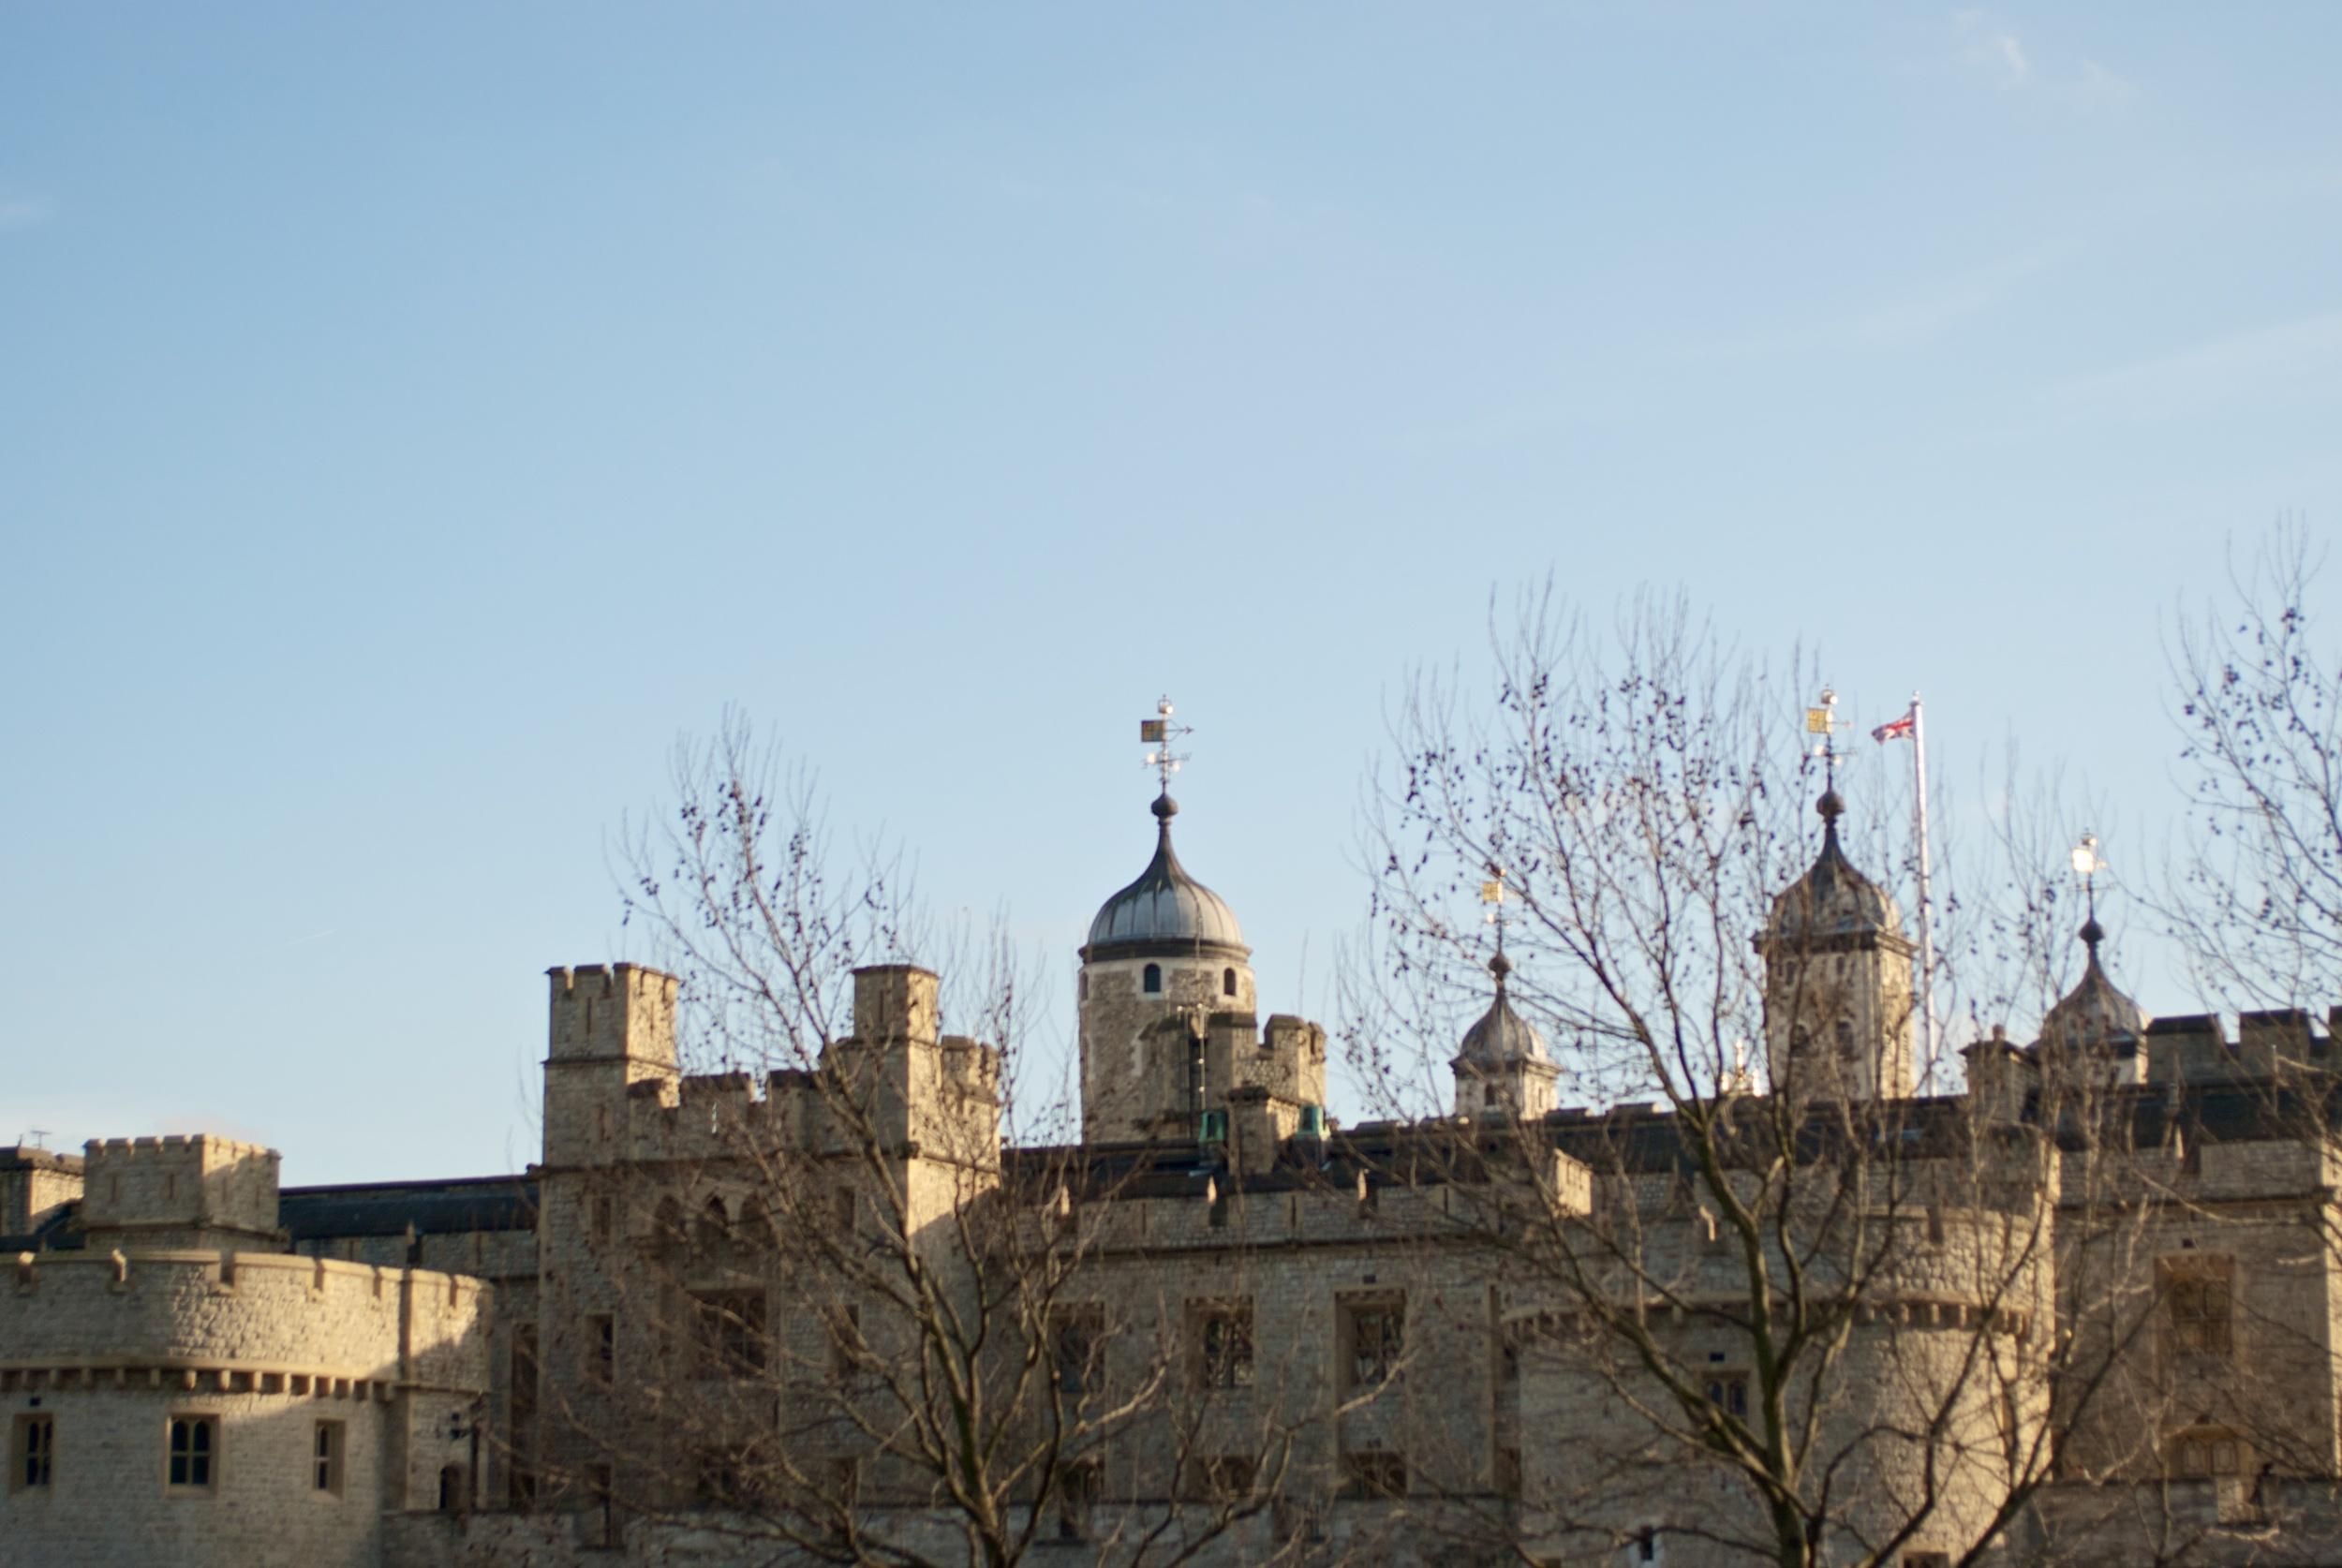 London tower. Torre de Londres